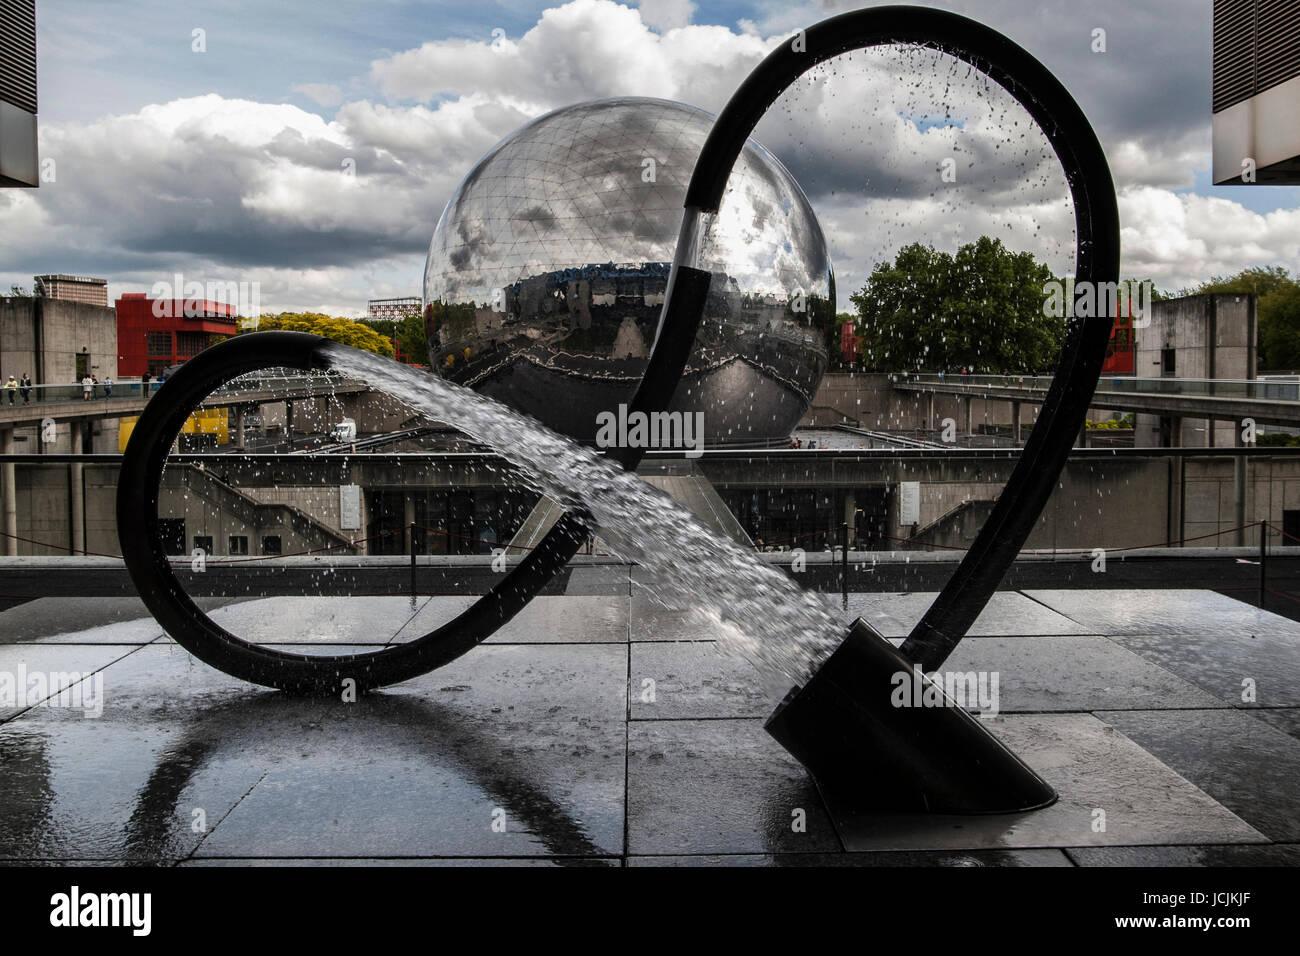 PARIS FRANKREICH - CITÉ DES SCIENCES ET DE L'INDUSTRIE - GEODE KUGEL - Brunnen - PARIS PARC DE LA VILLETTE © Frédéric BEAUMONT Stockfoto